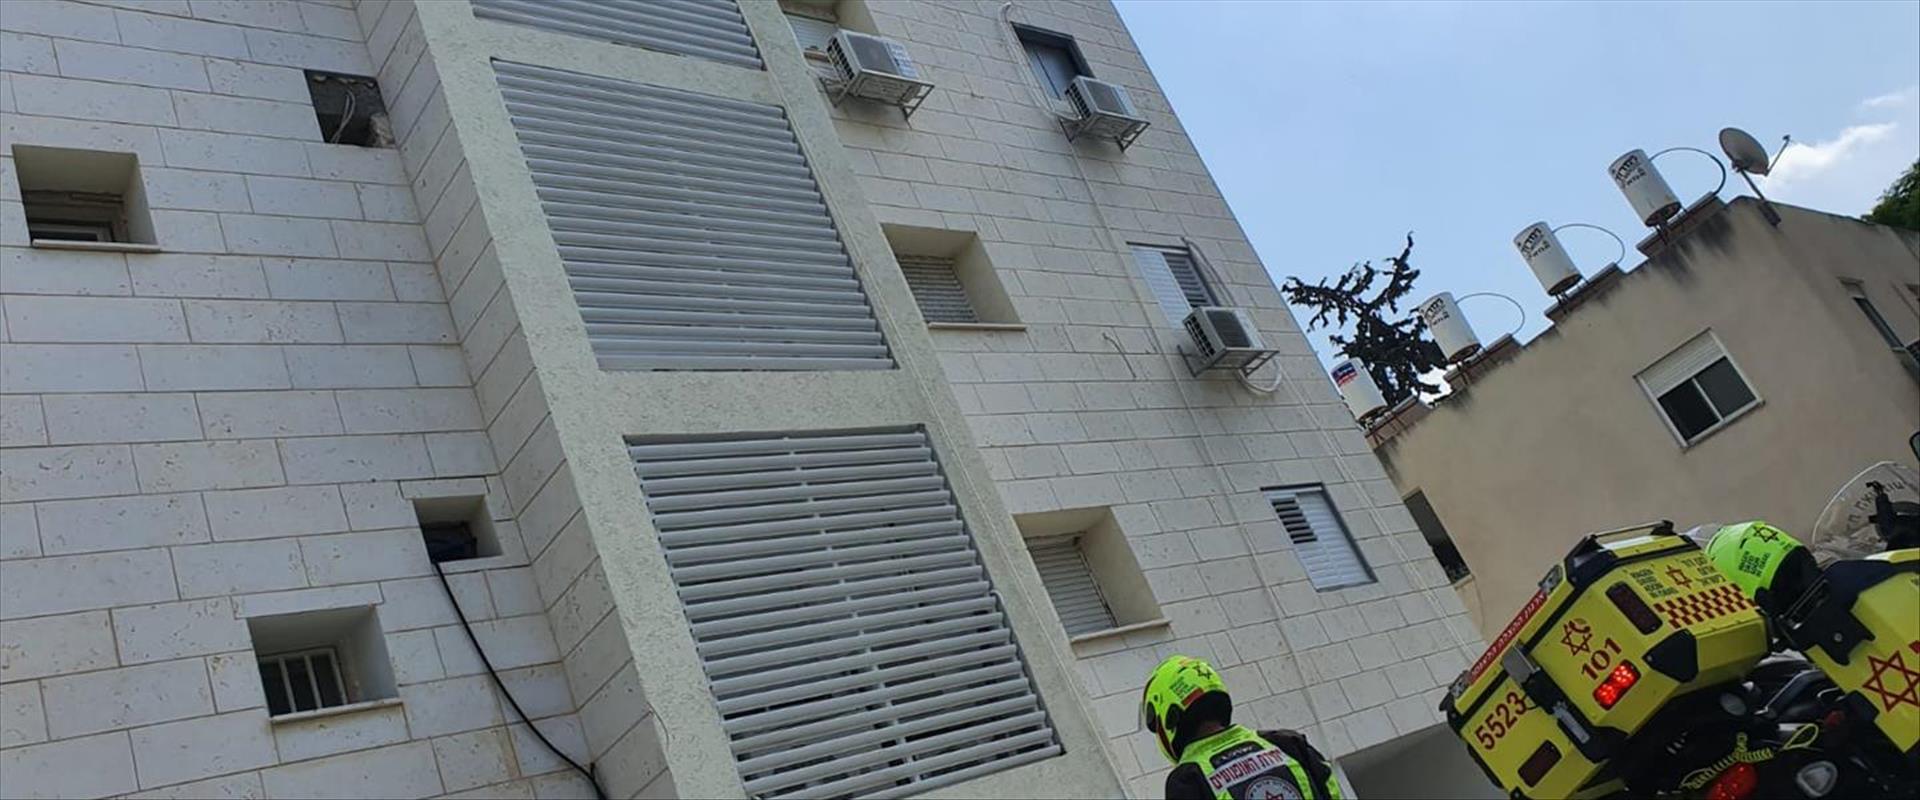 הבניין בו נהרג הפועל בקריית ביאליק, היום